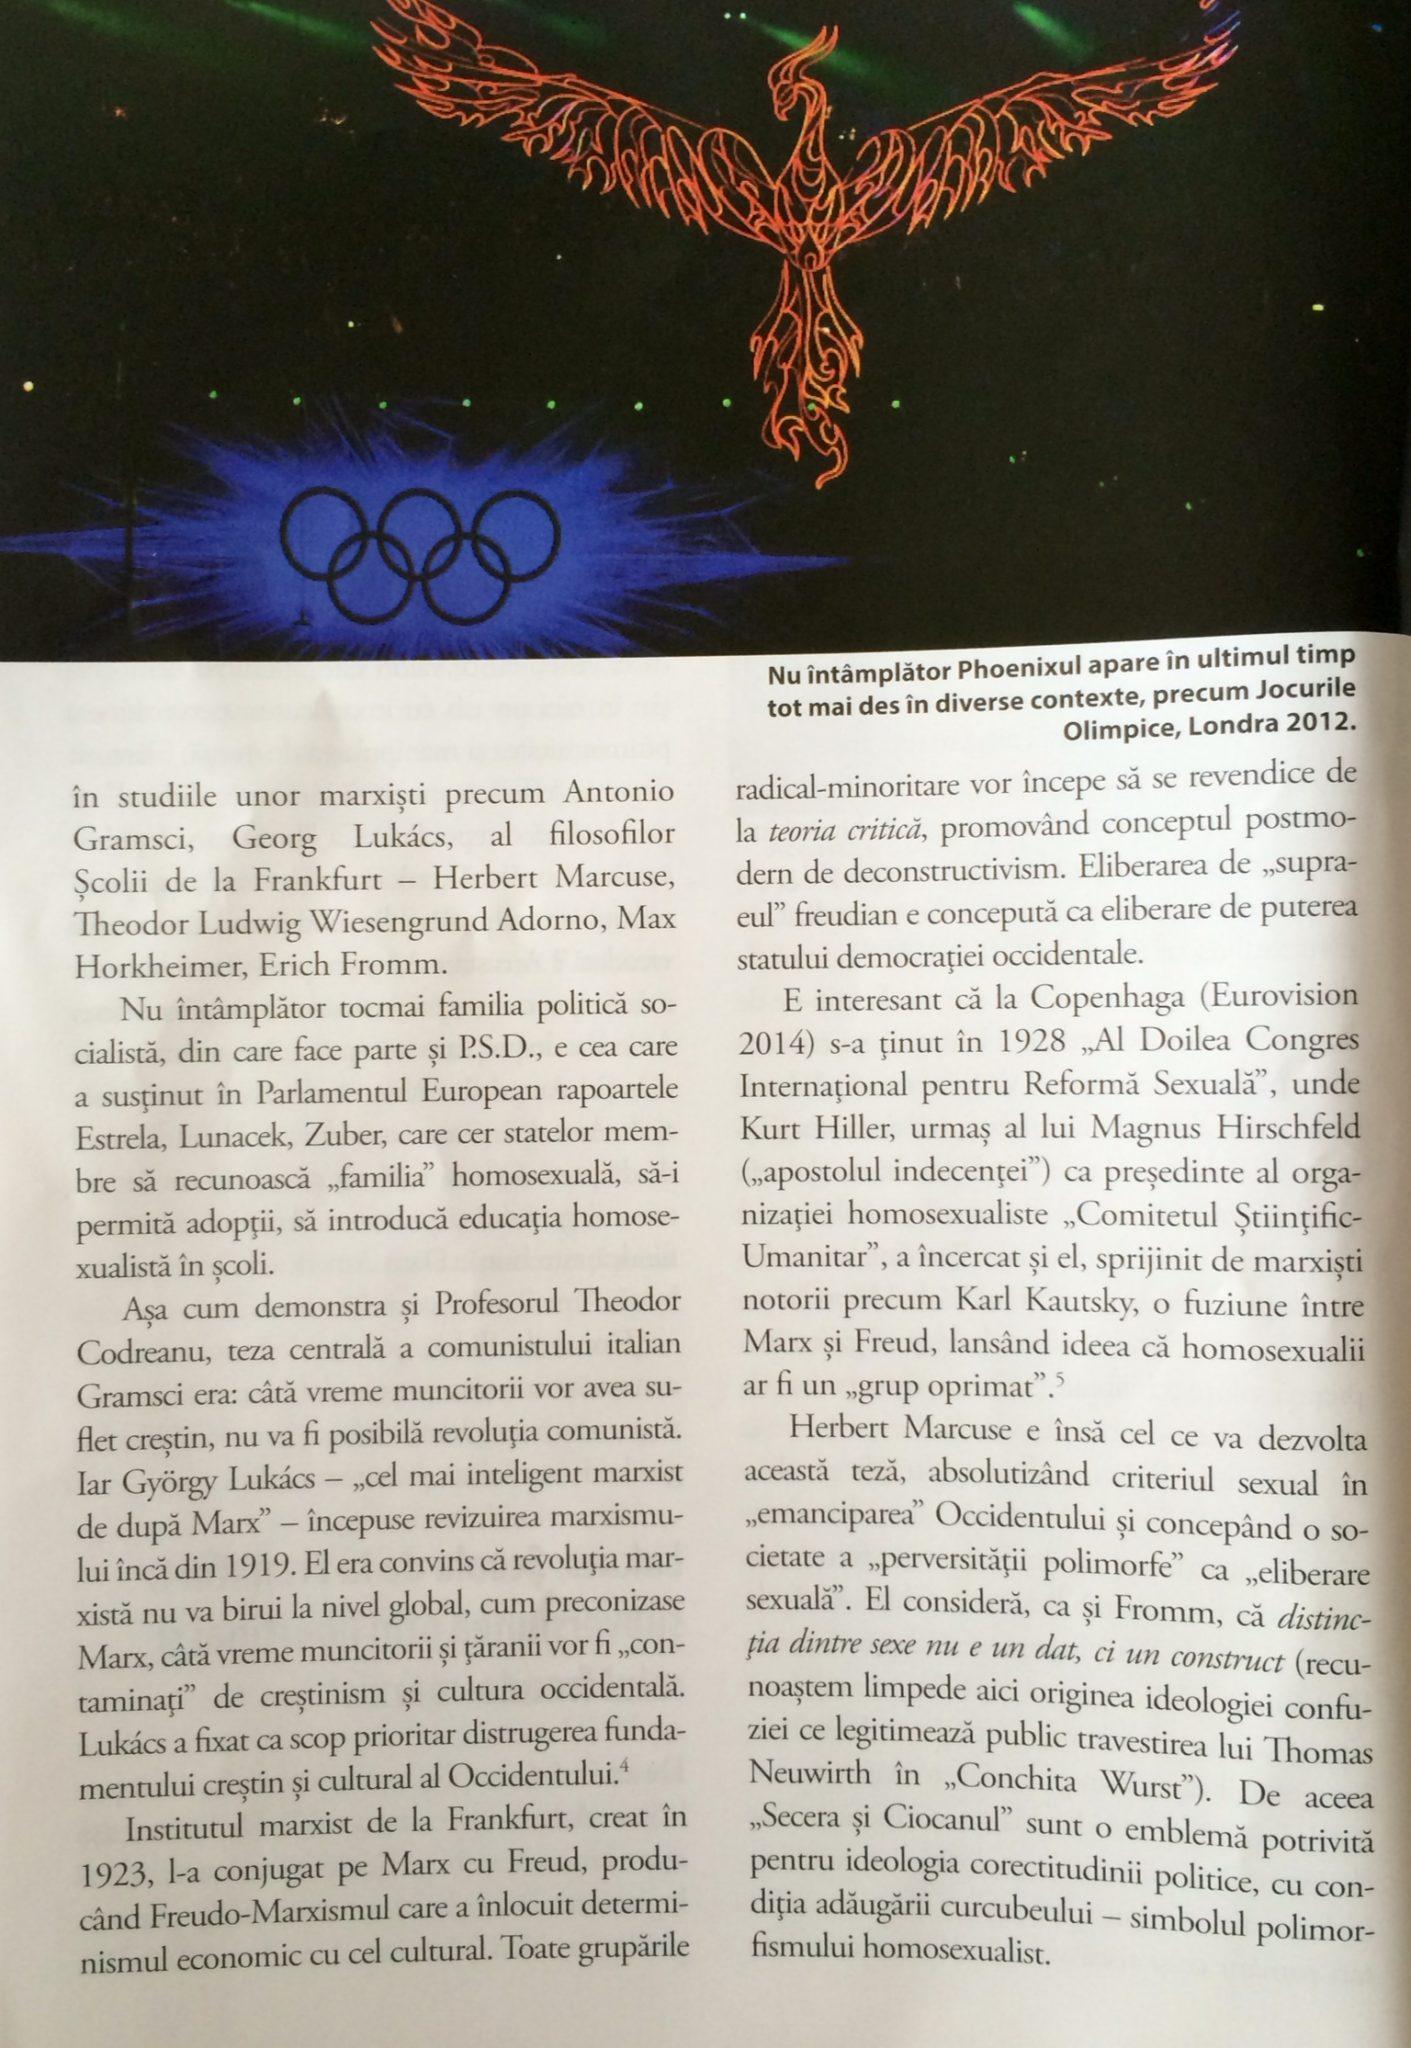 Copilul tau, Eurovision 2014, NATO, mamaliga, Putin, tezaurul romanesc si America. Doamne-ajuta 5